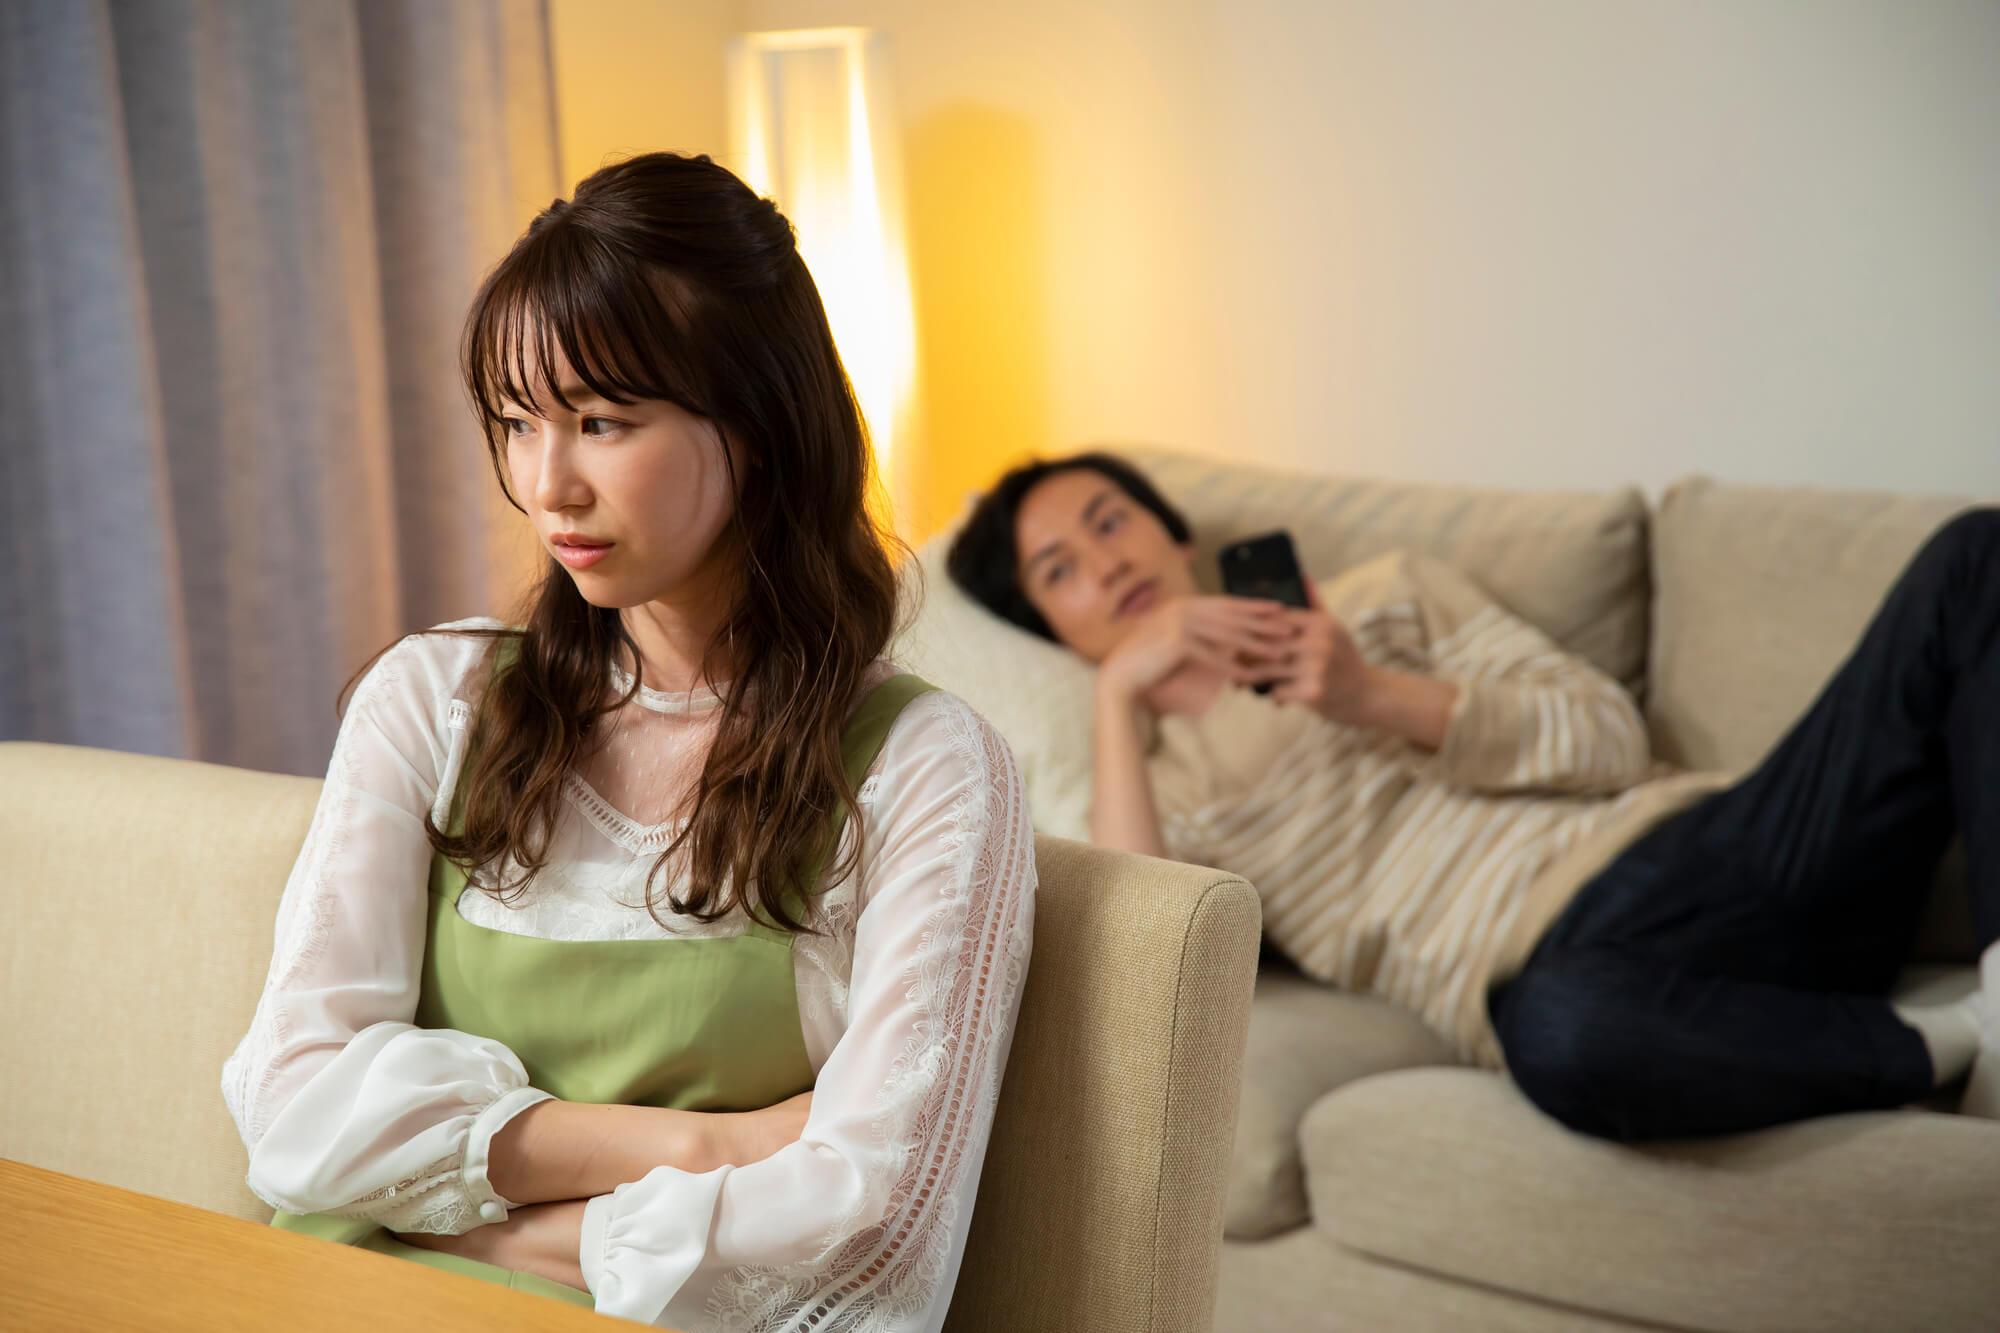 不倫している夫から離婚を突きつけられている妻